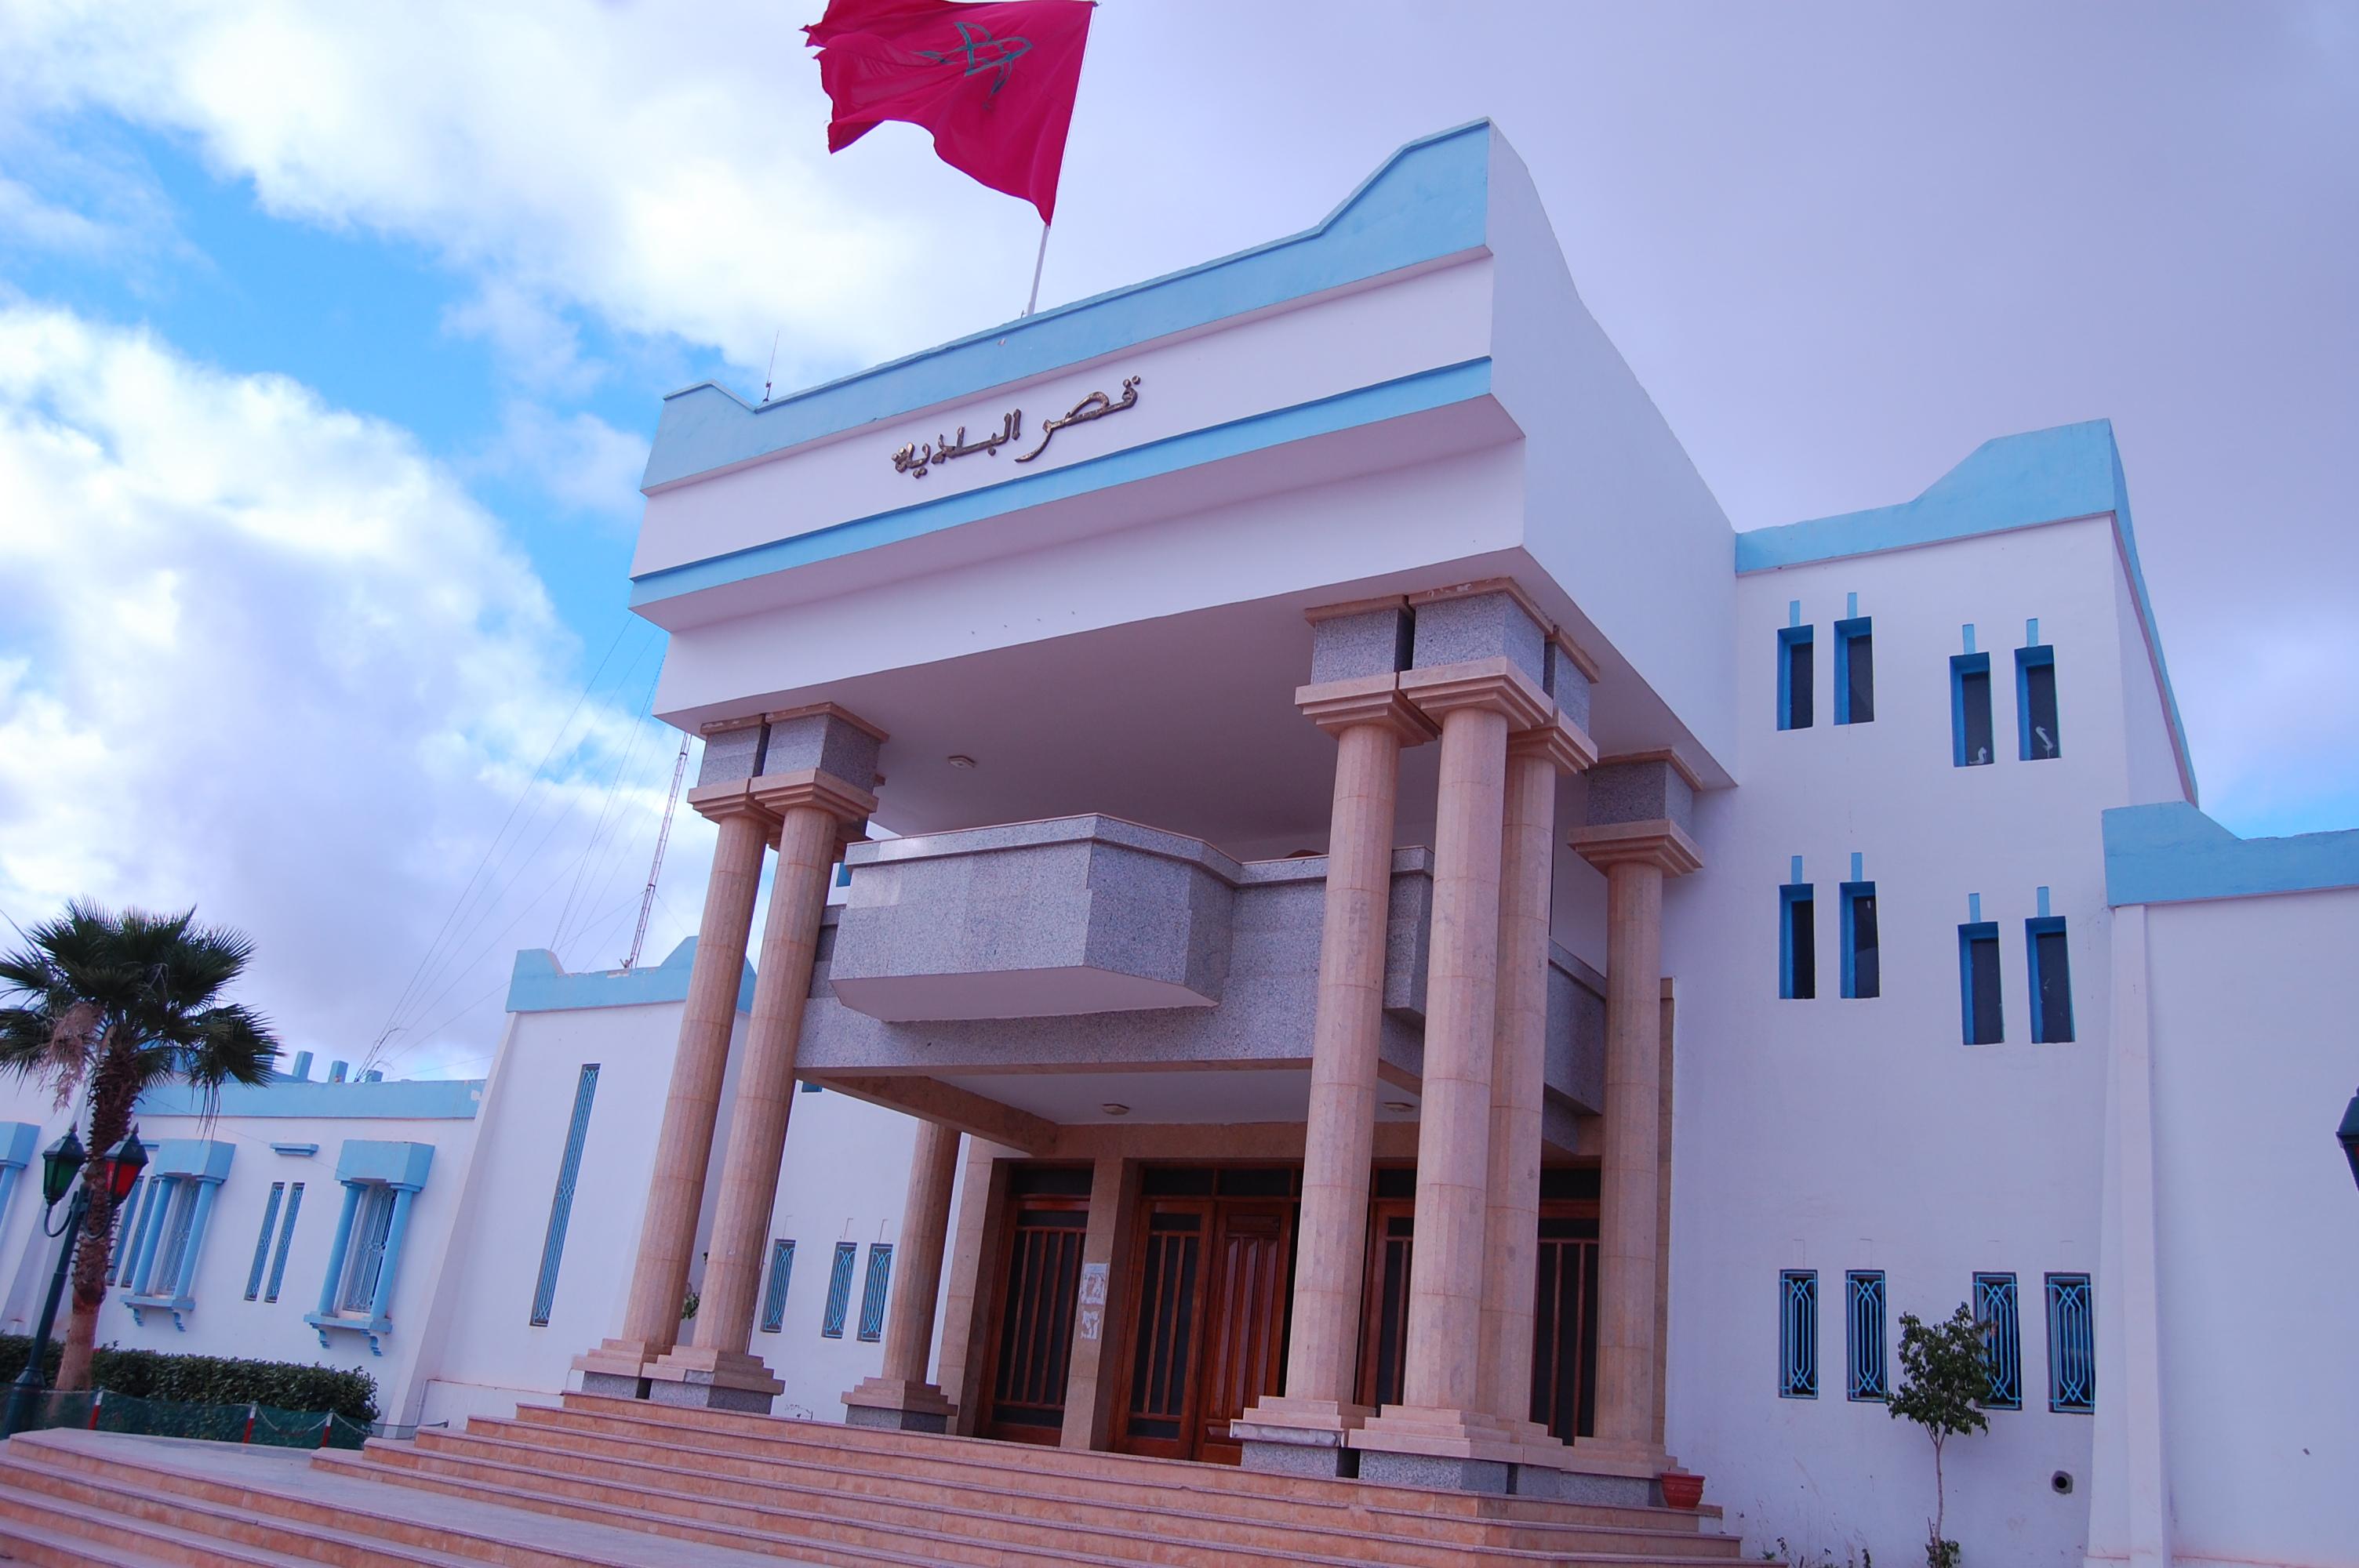 المعارضة ترغم رئيس بلدية طانطان على عقد دورة لإقالة عضو من العدالة والتنمية